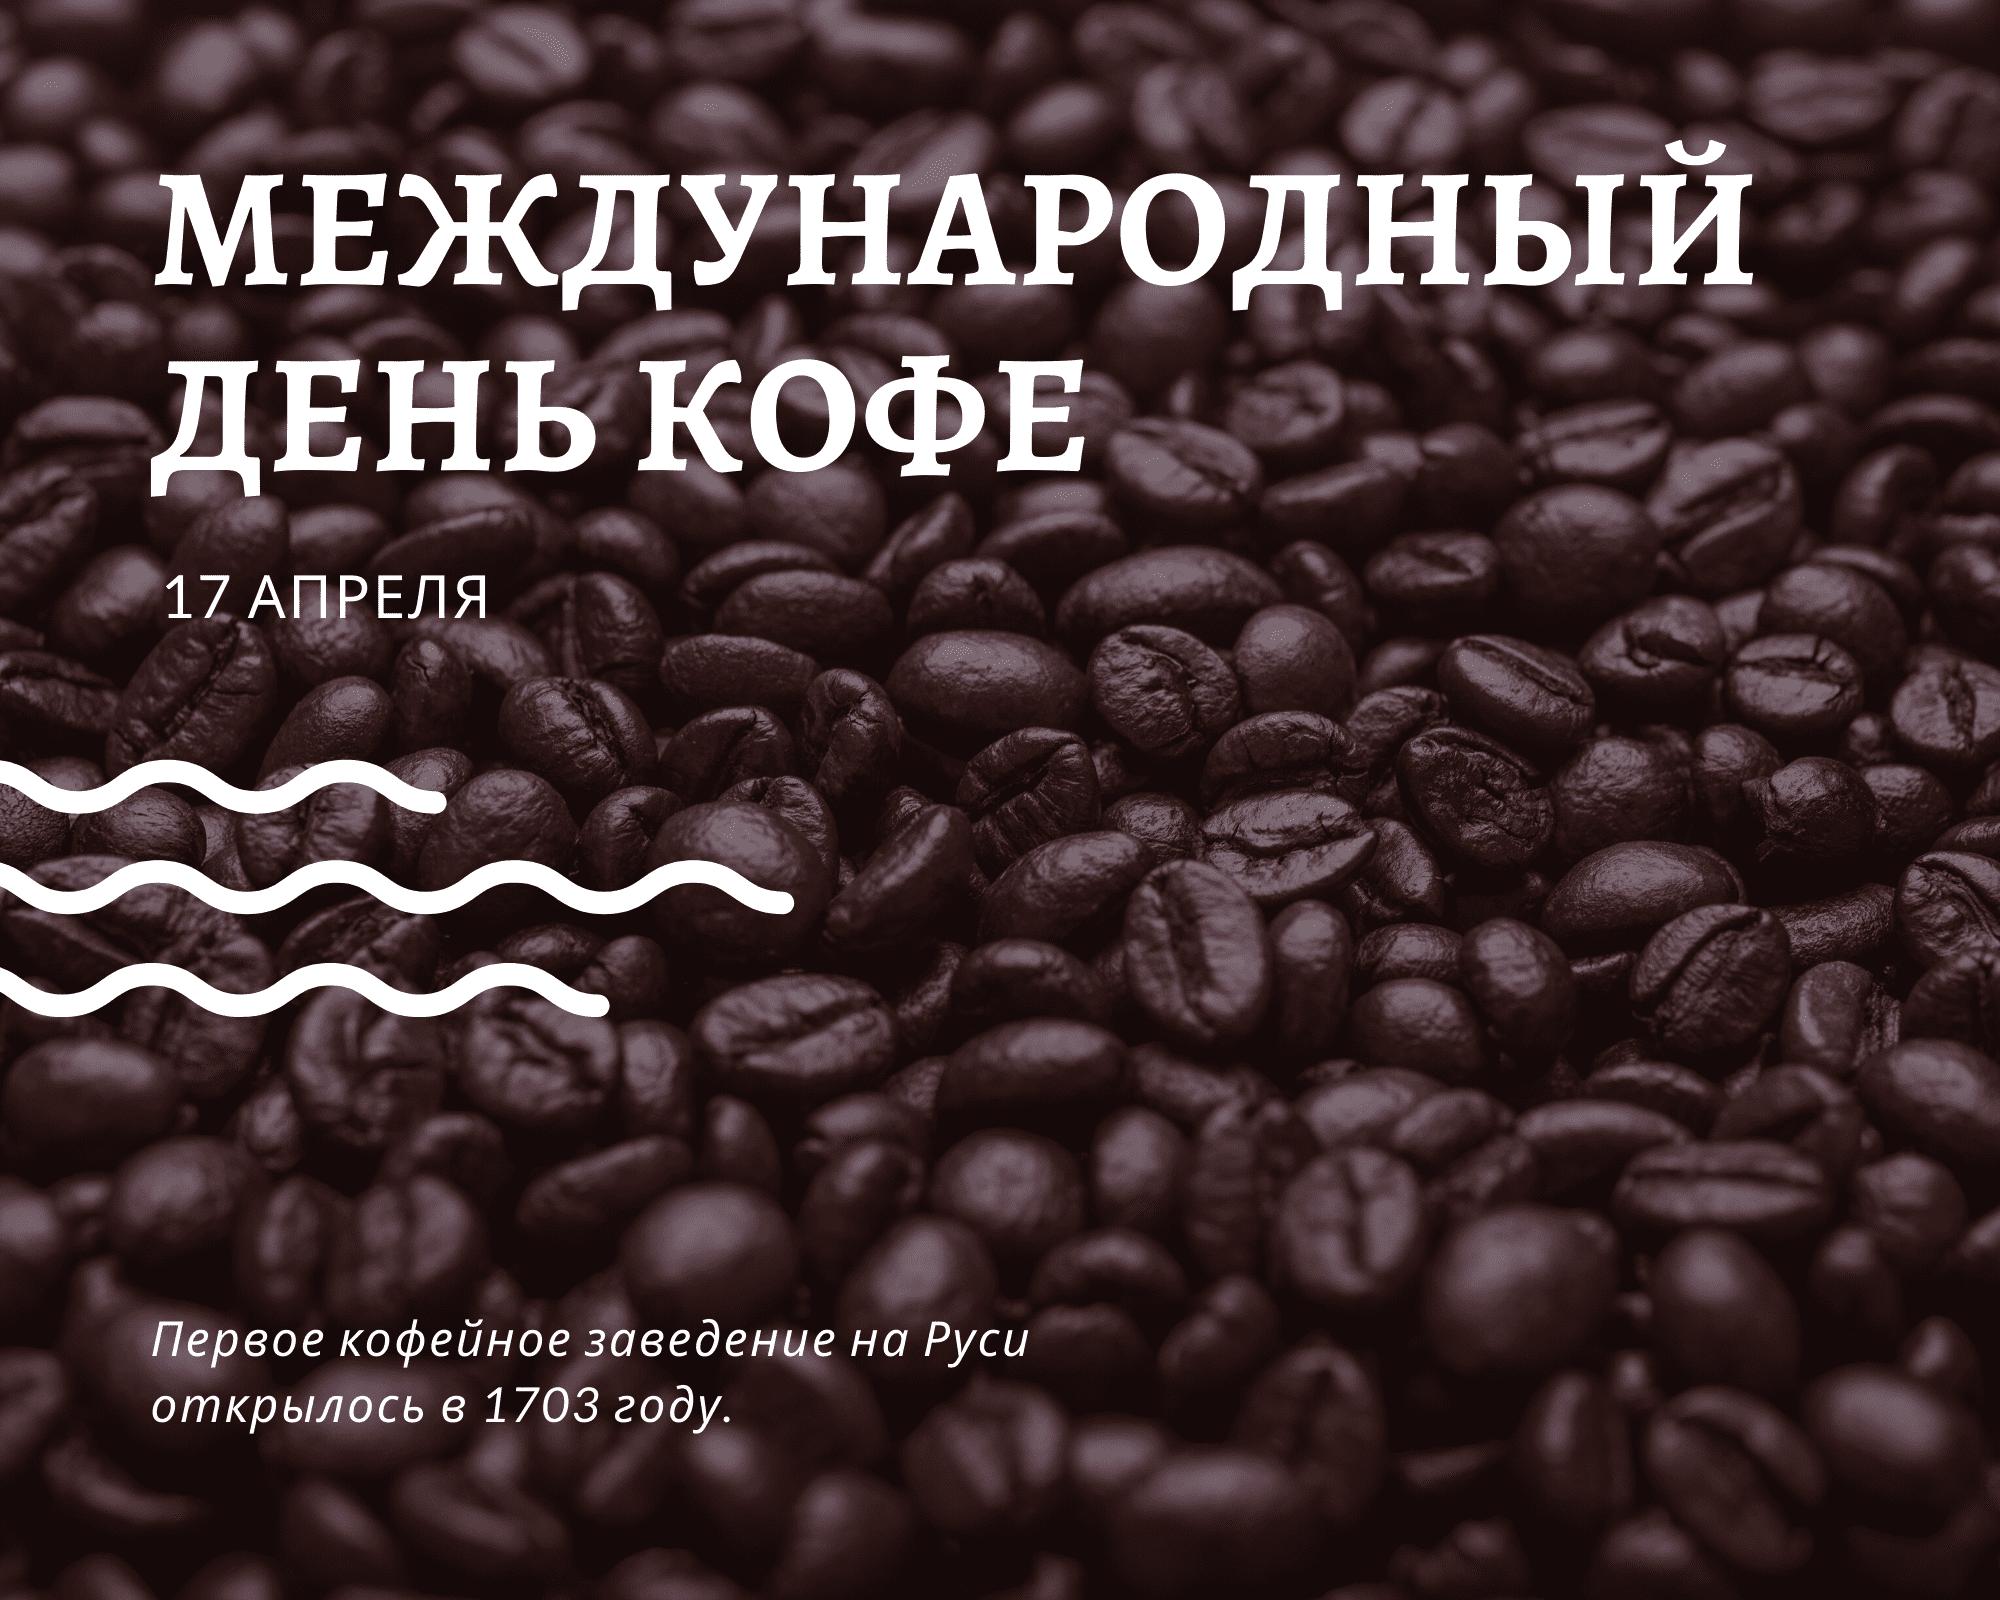 Международный День кофе. 17 апреля